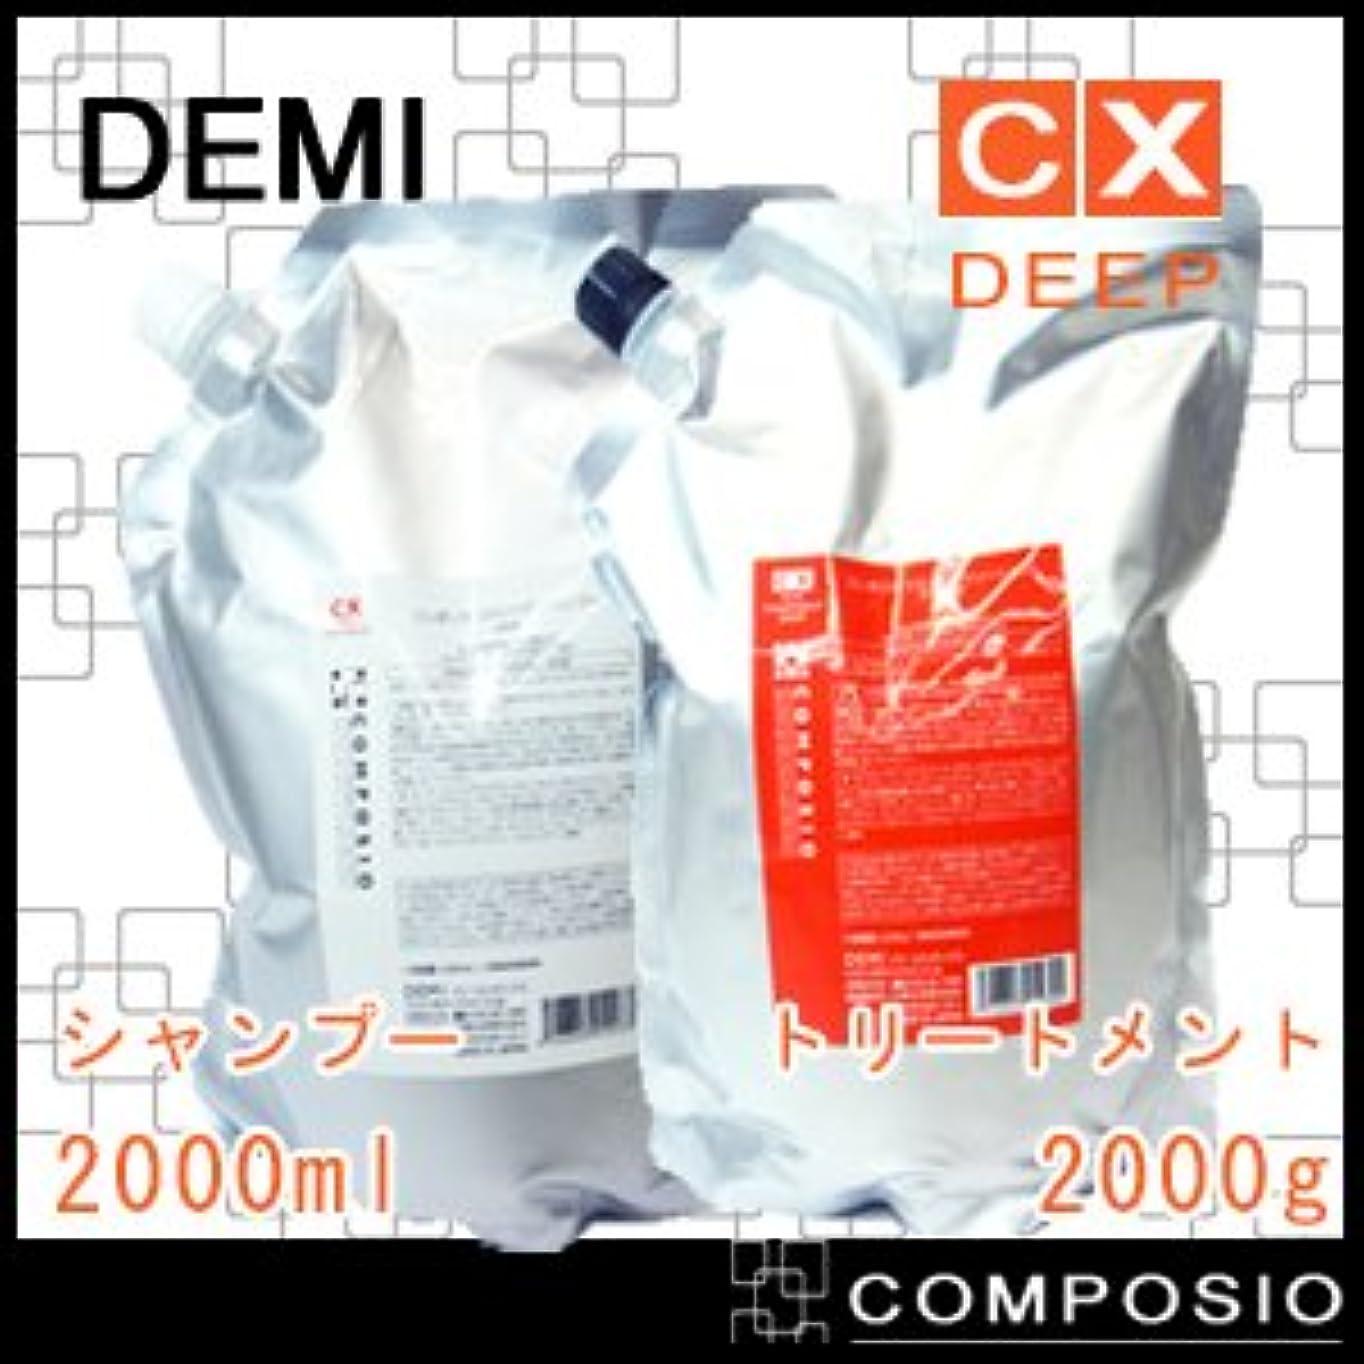 待つドキドキ圧縮するデミ コンポジオ CXリペアシャンプー&トリートメント ディープ 詰め替え 2000ml,2000g